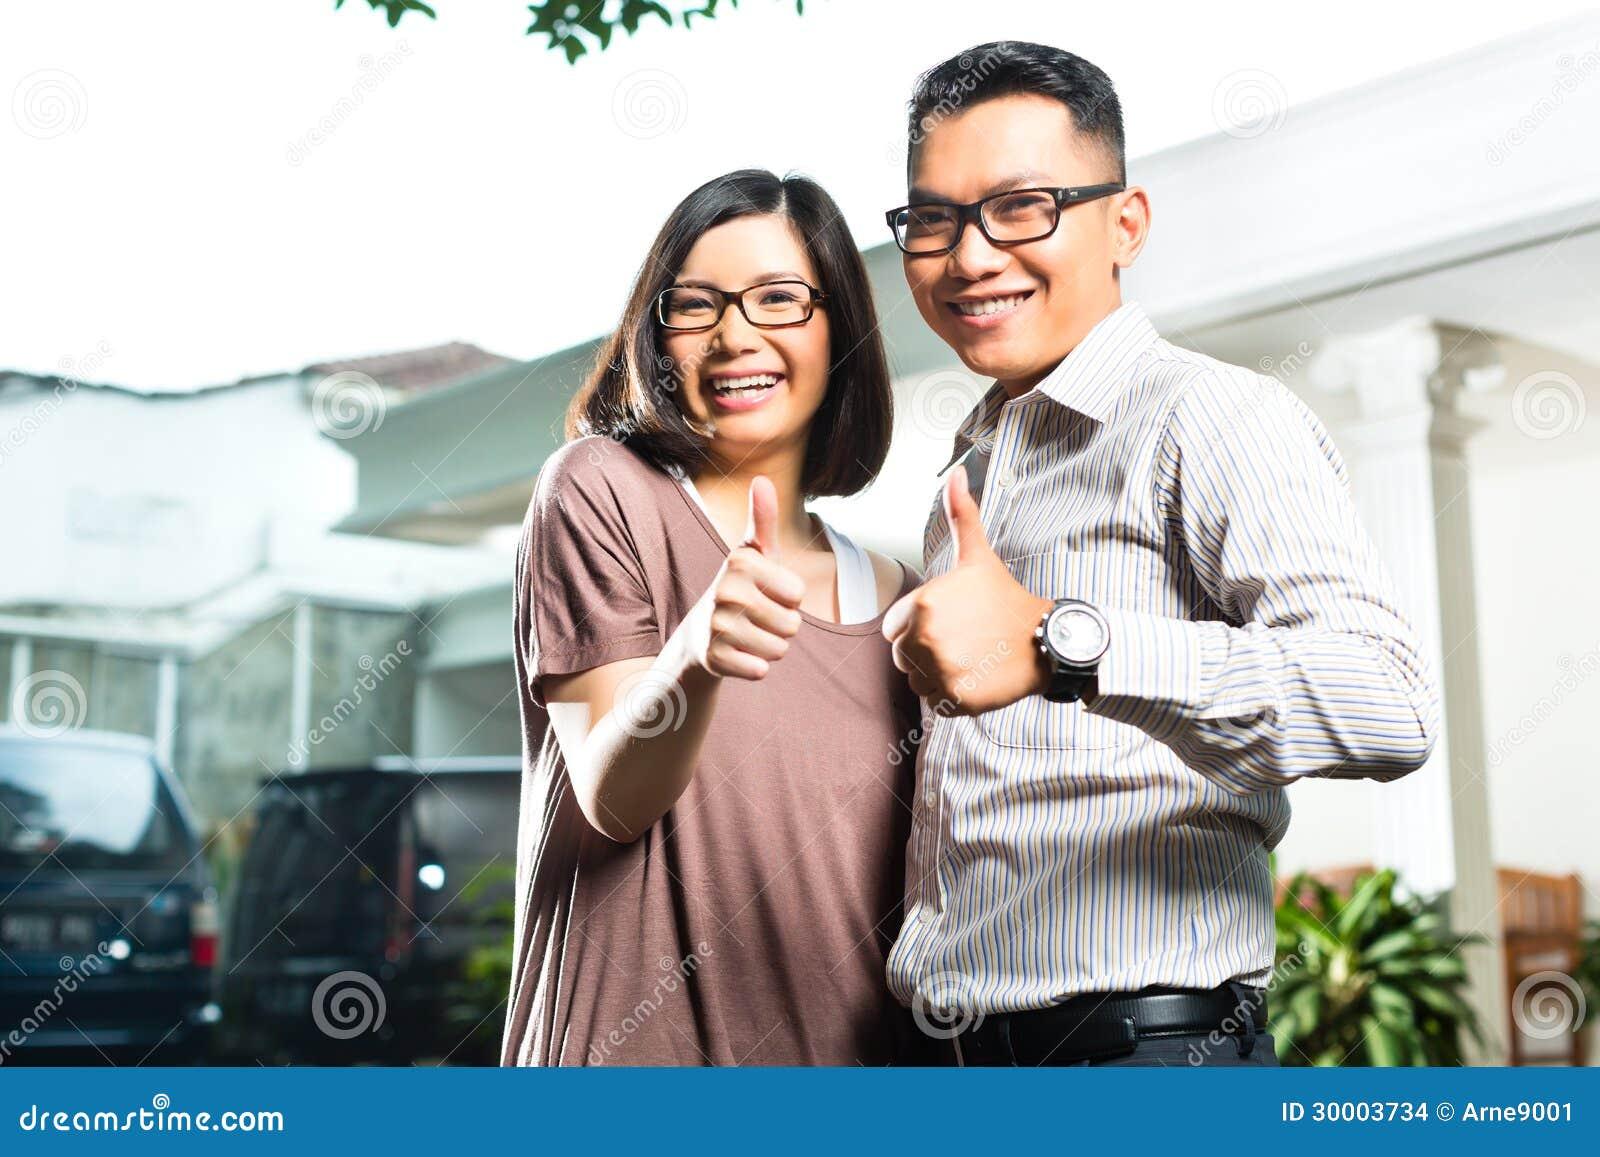 Ινδονησιακή dating CS πάει συμζευγαρά netsettings